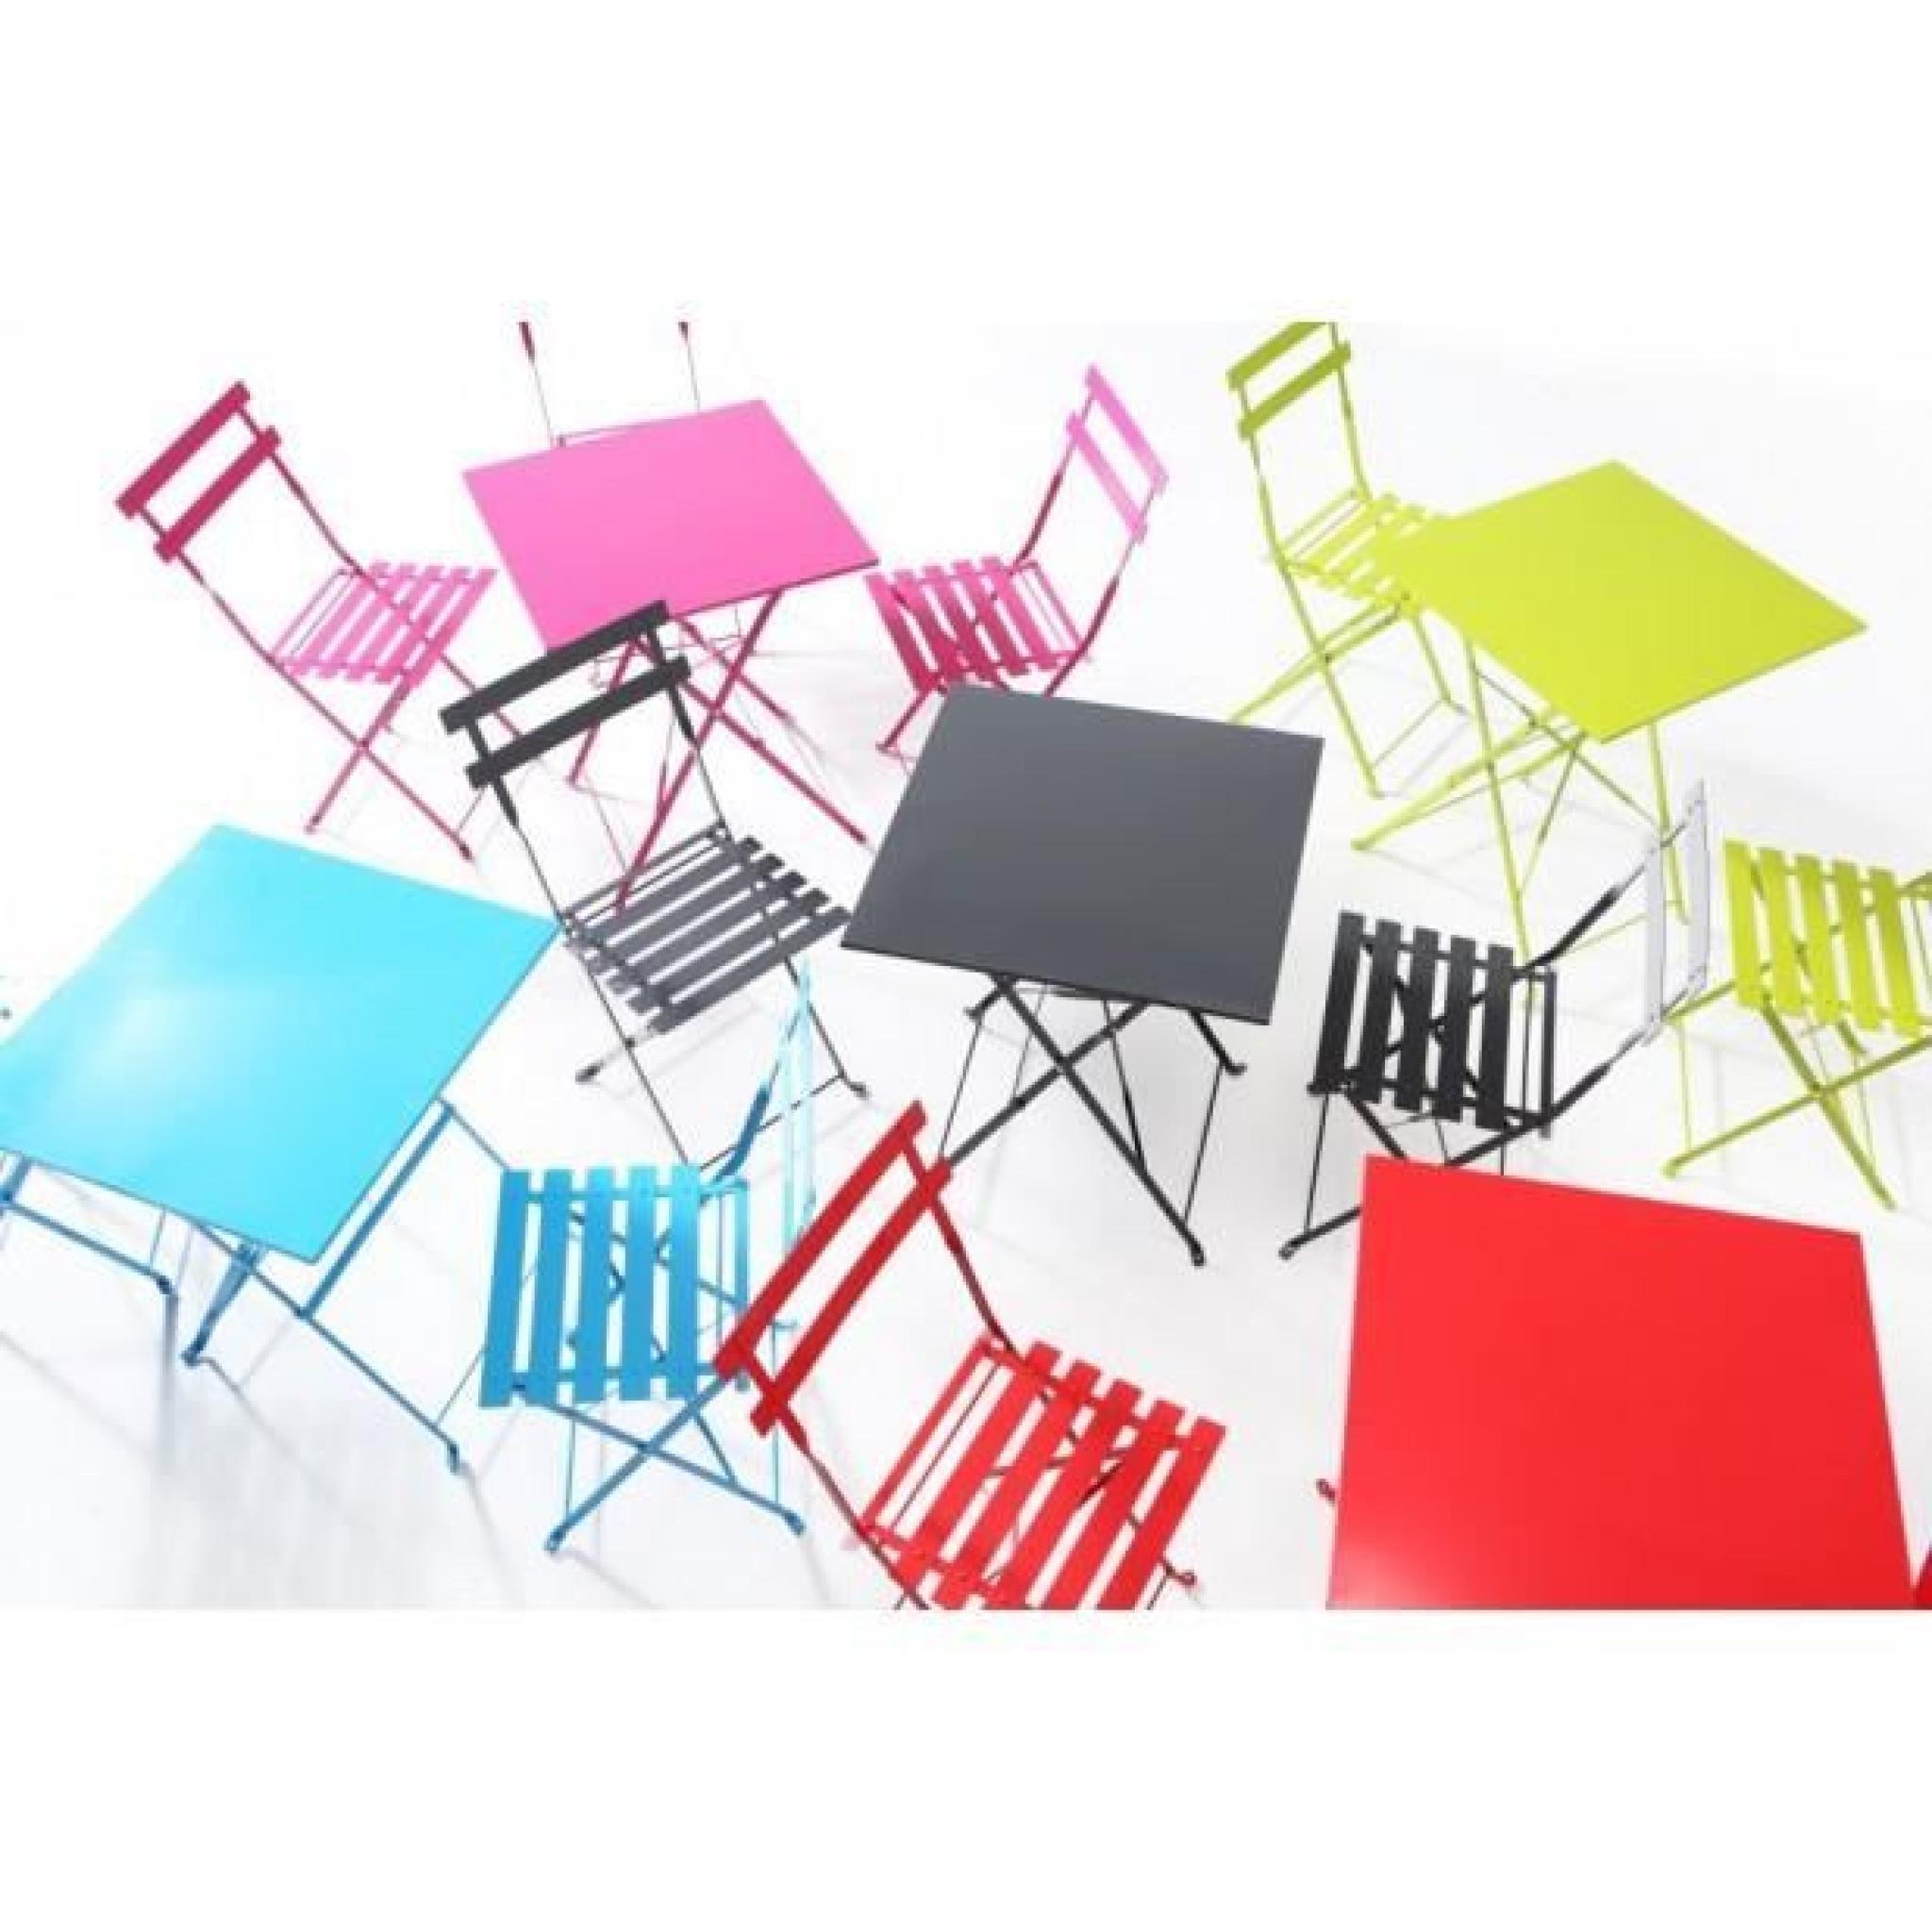 magnifique lot de 2 chaises bistrot rose framboise achat vente chaise salle a manger pas cher couleur et design fr